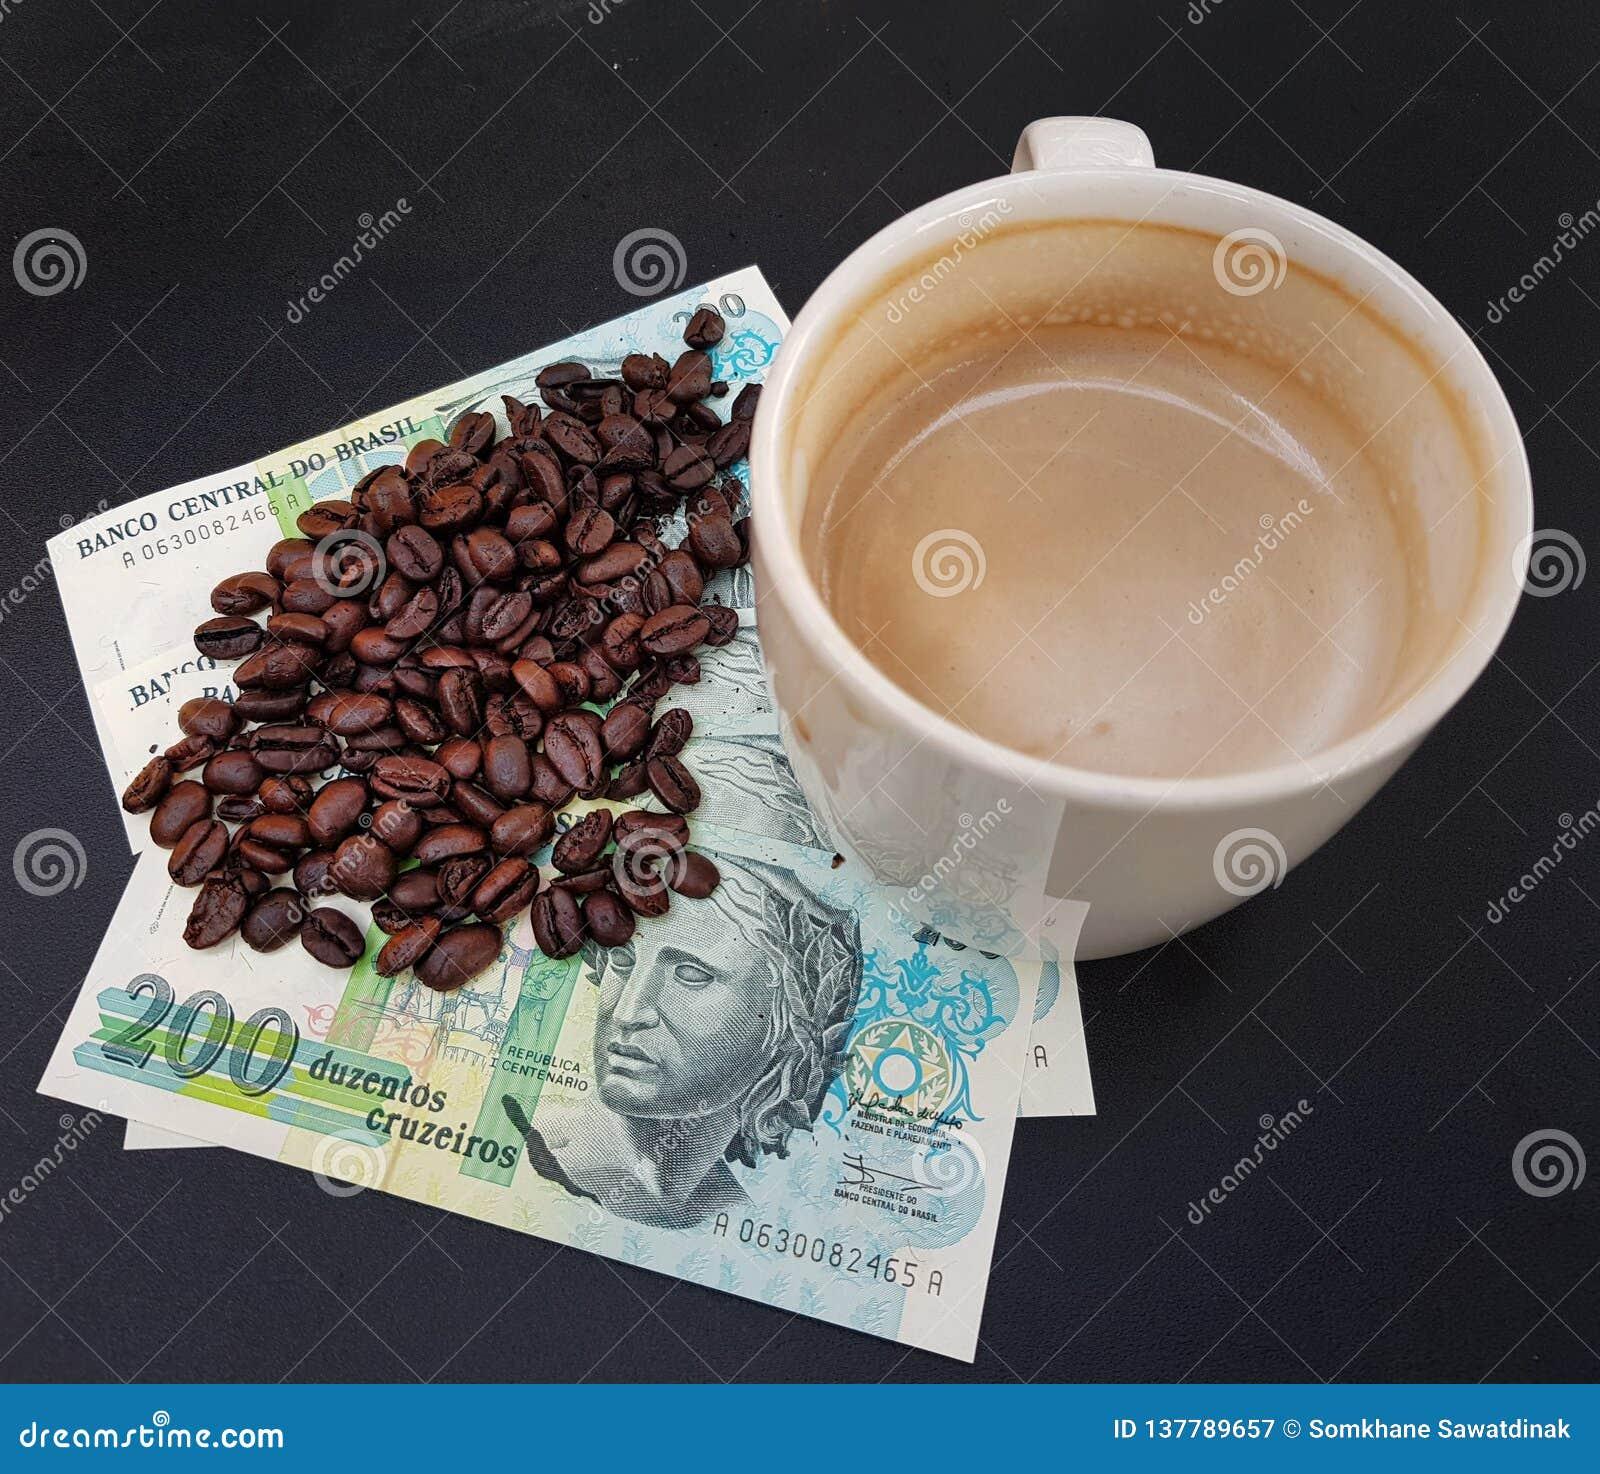 El Brasil asó los granos de café colocados en billetes de banco